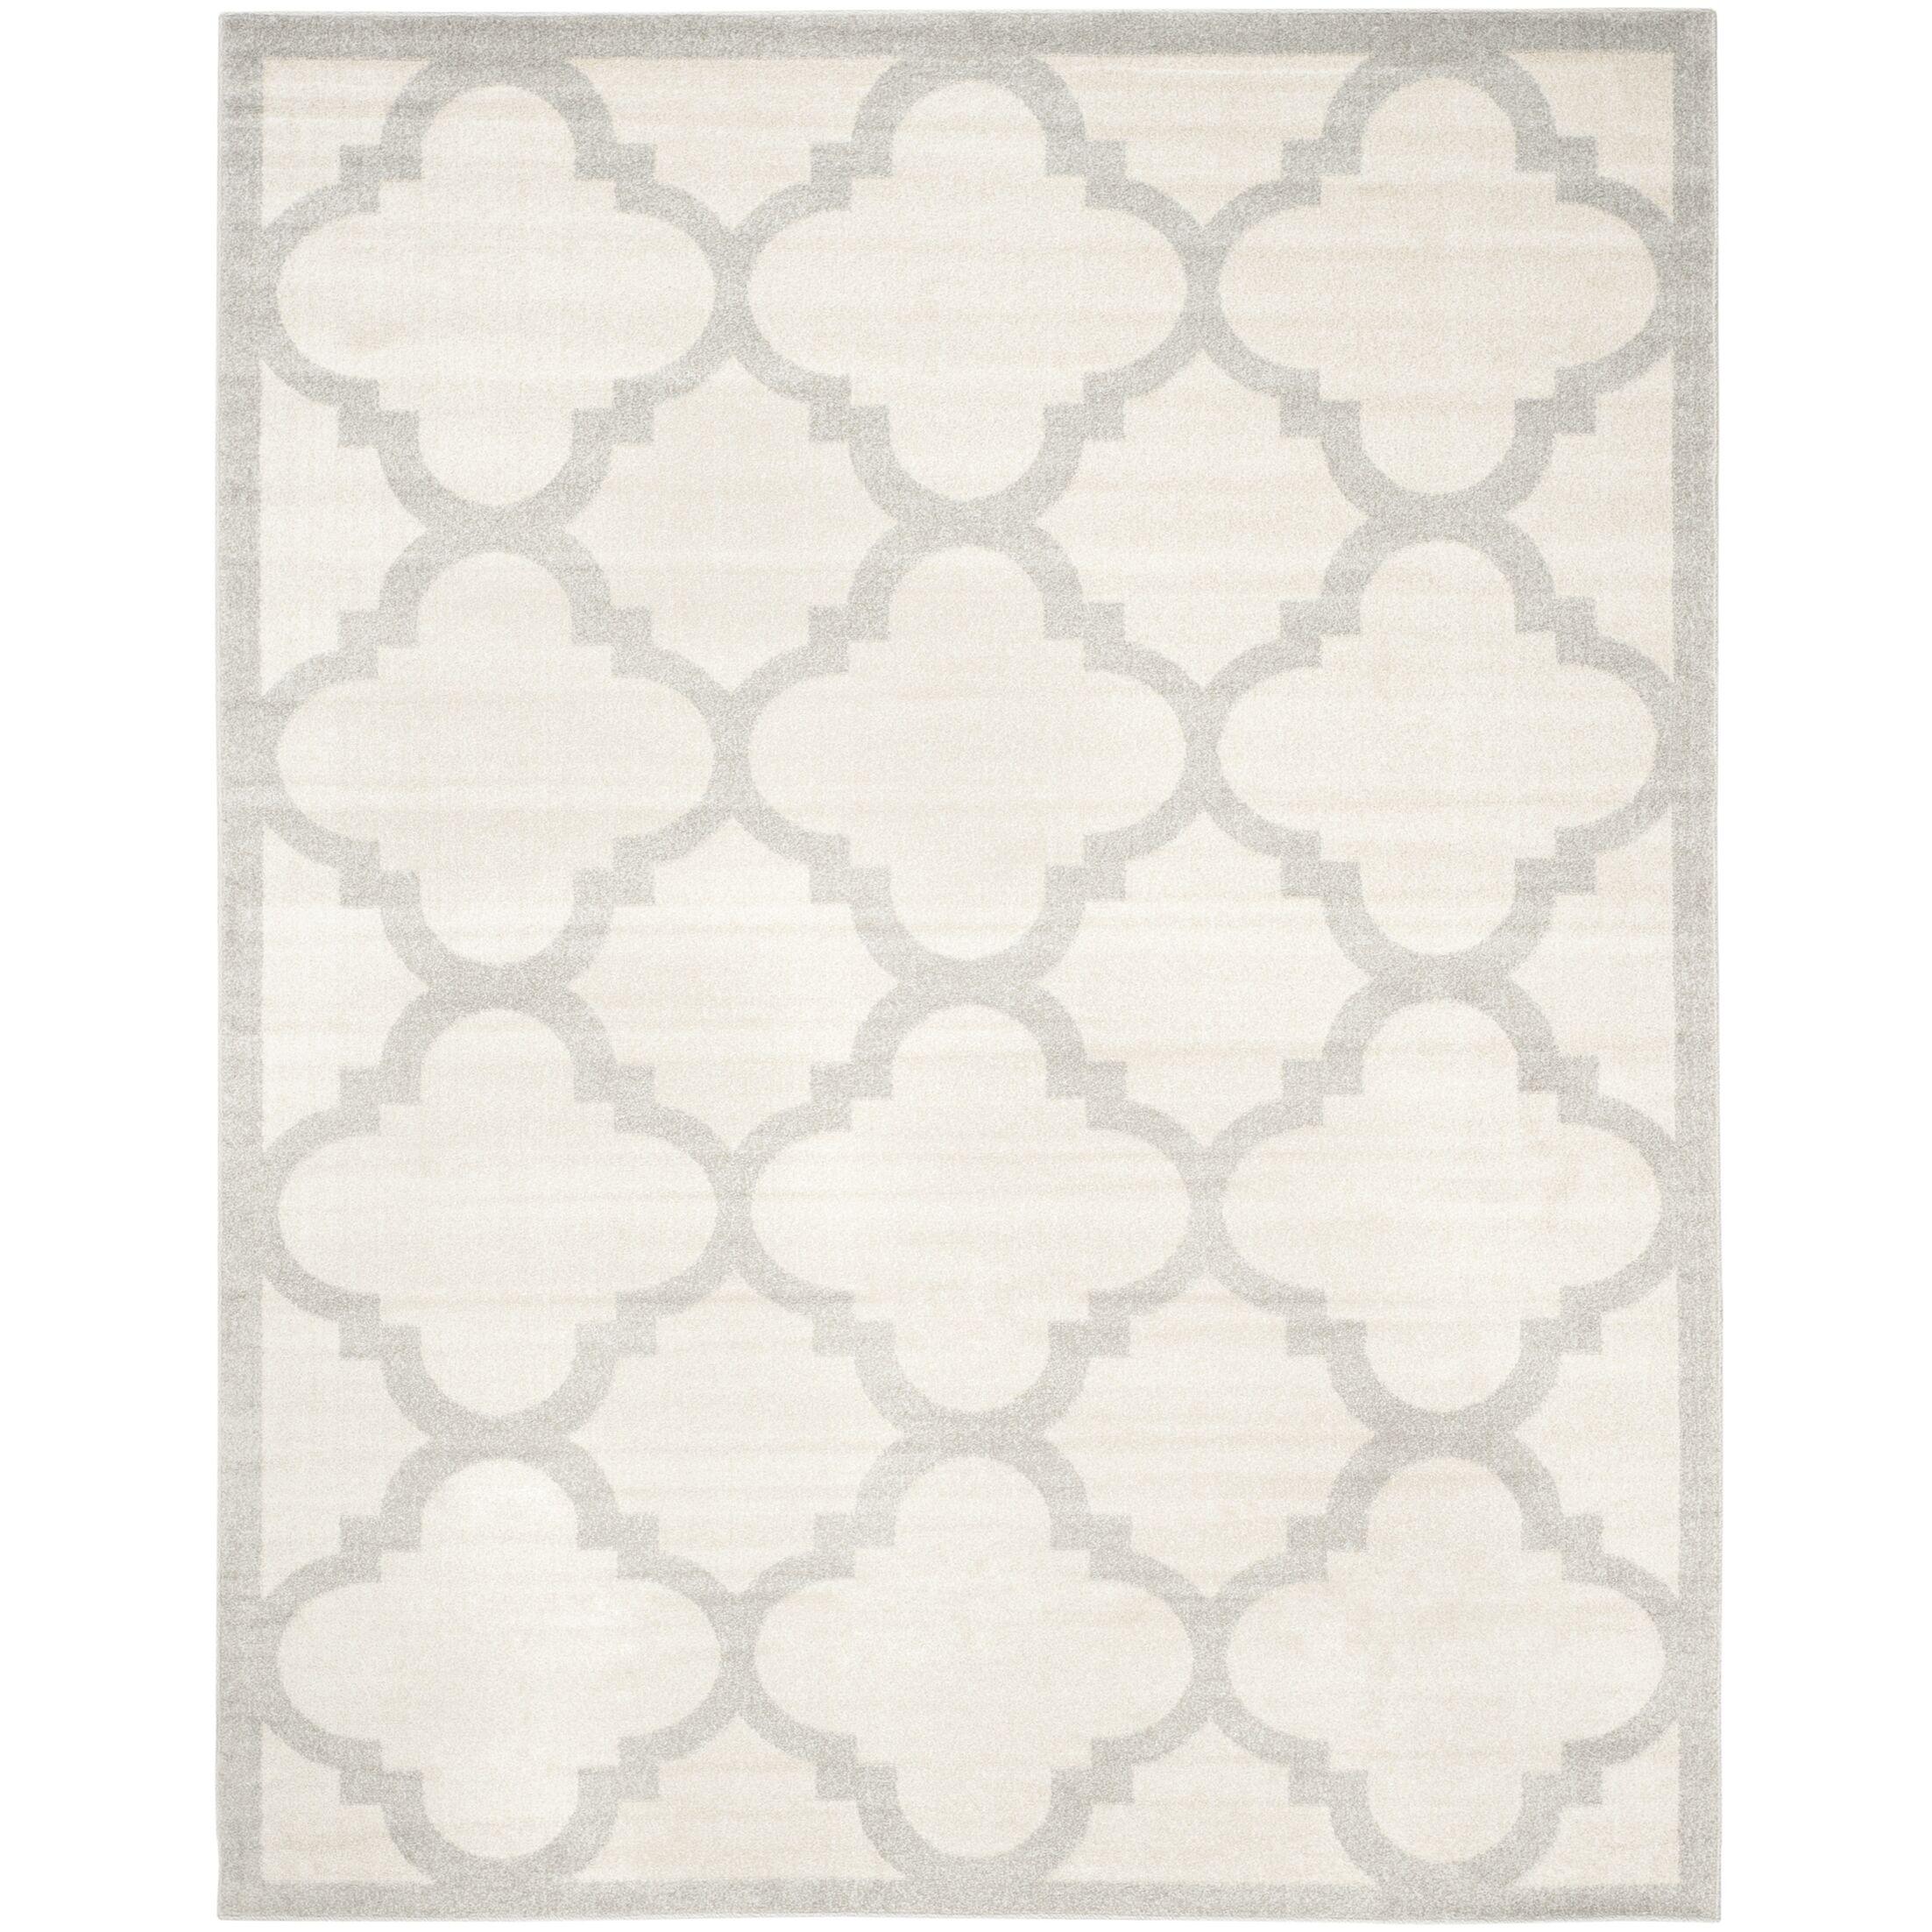 Maritza Beige & Light Gray Indoor/Outdoor Area Rug Rug Size: Rectangle 9' x 12'